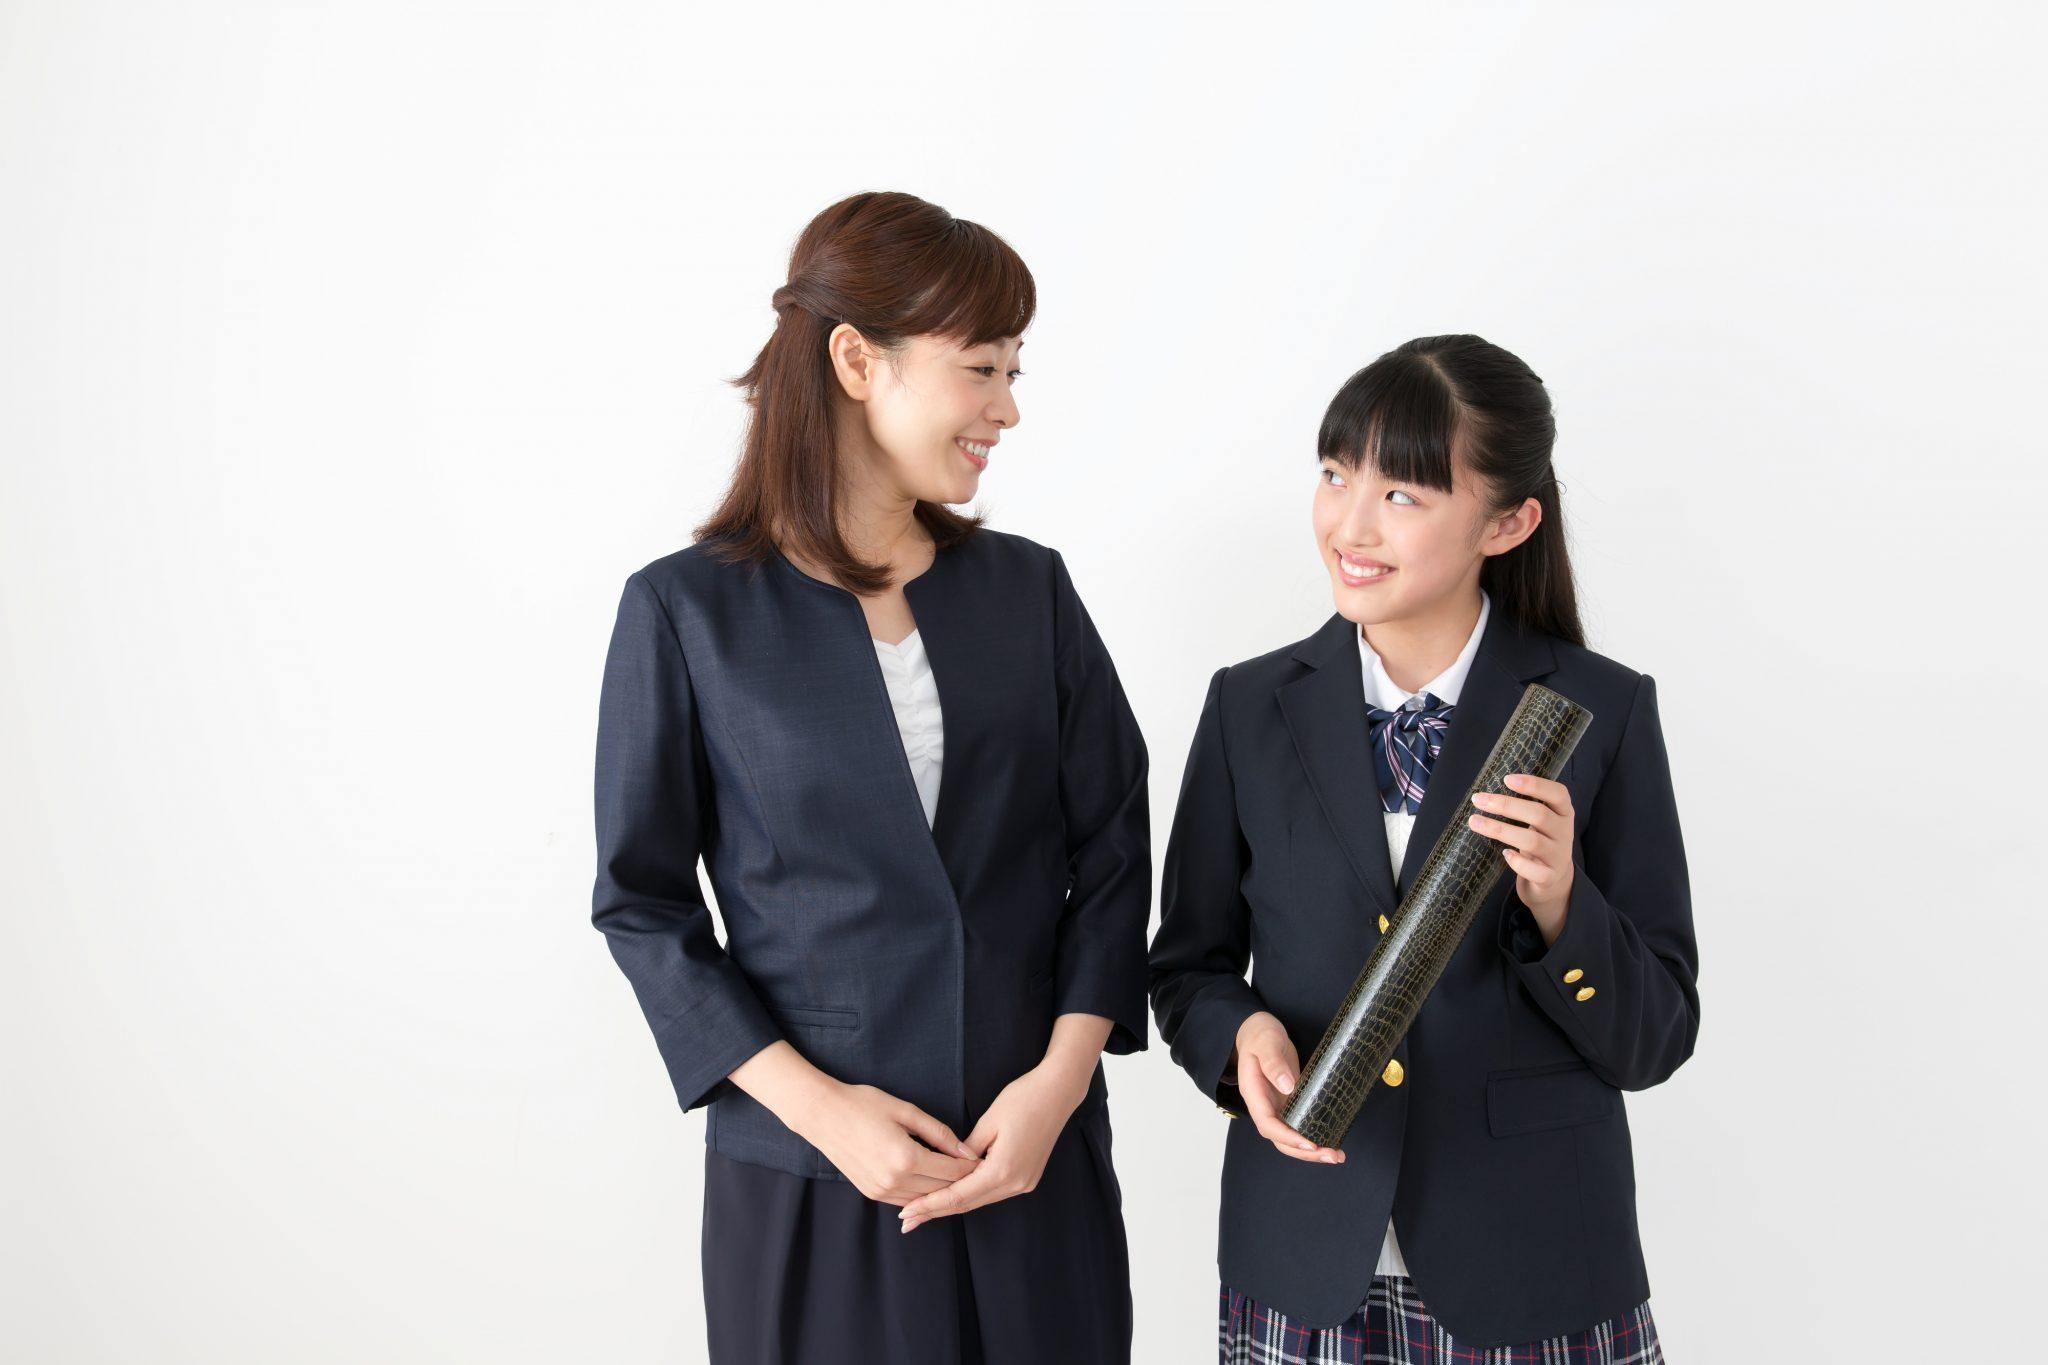 服装 卒業 式 母親